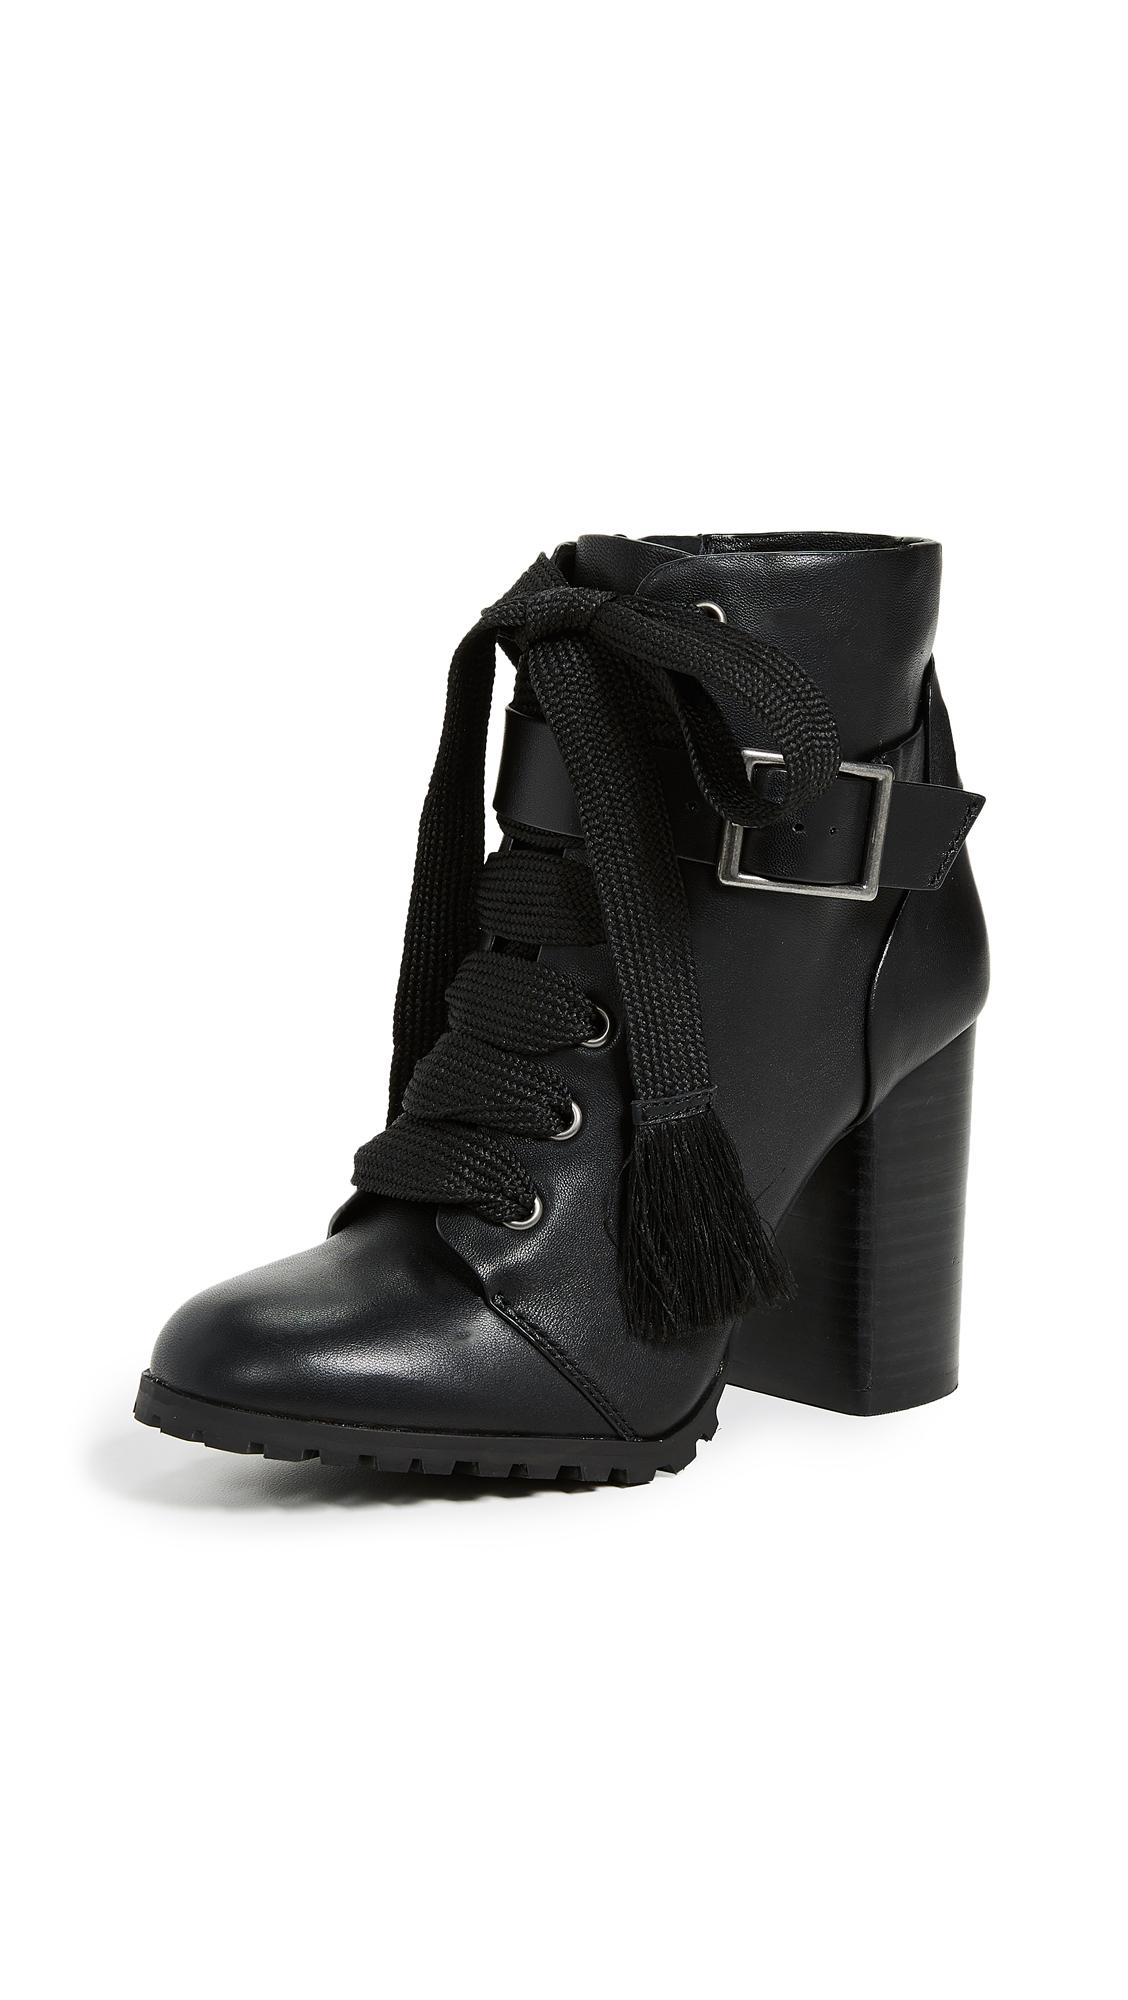 Splendid Cesar Block Heel Combat Boots - Black